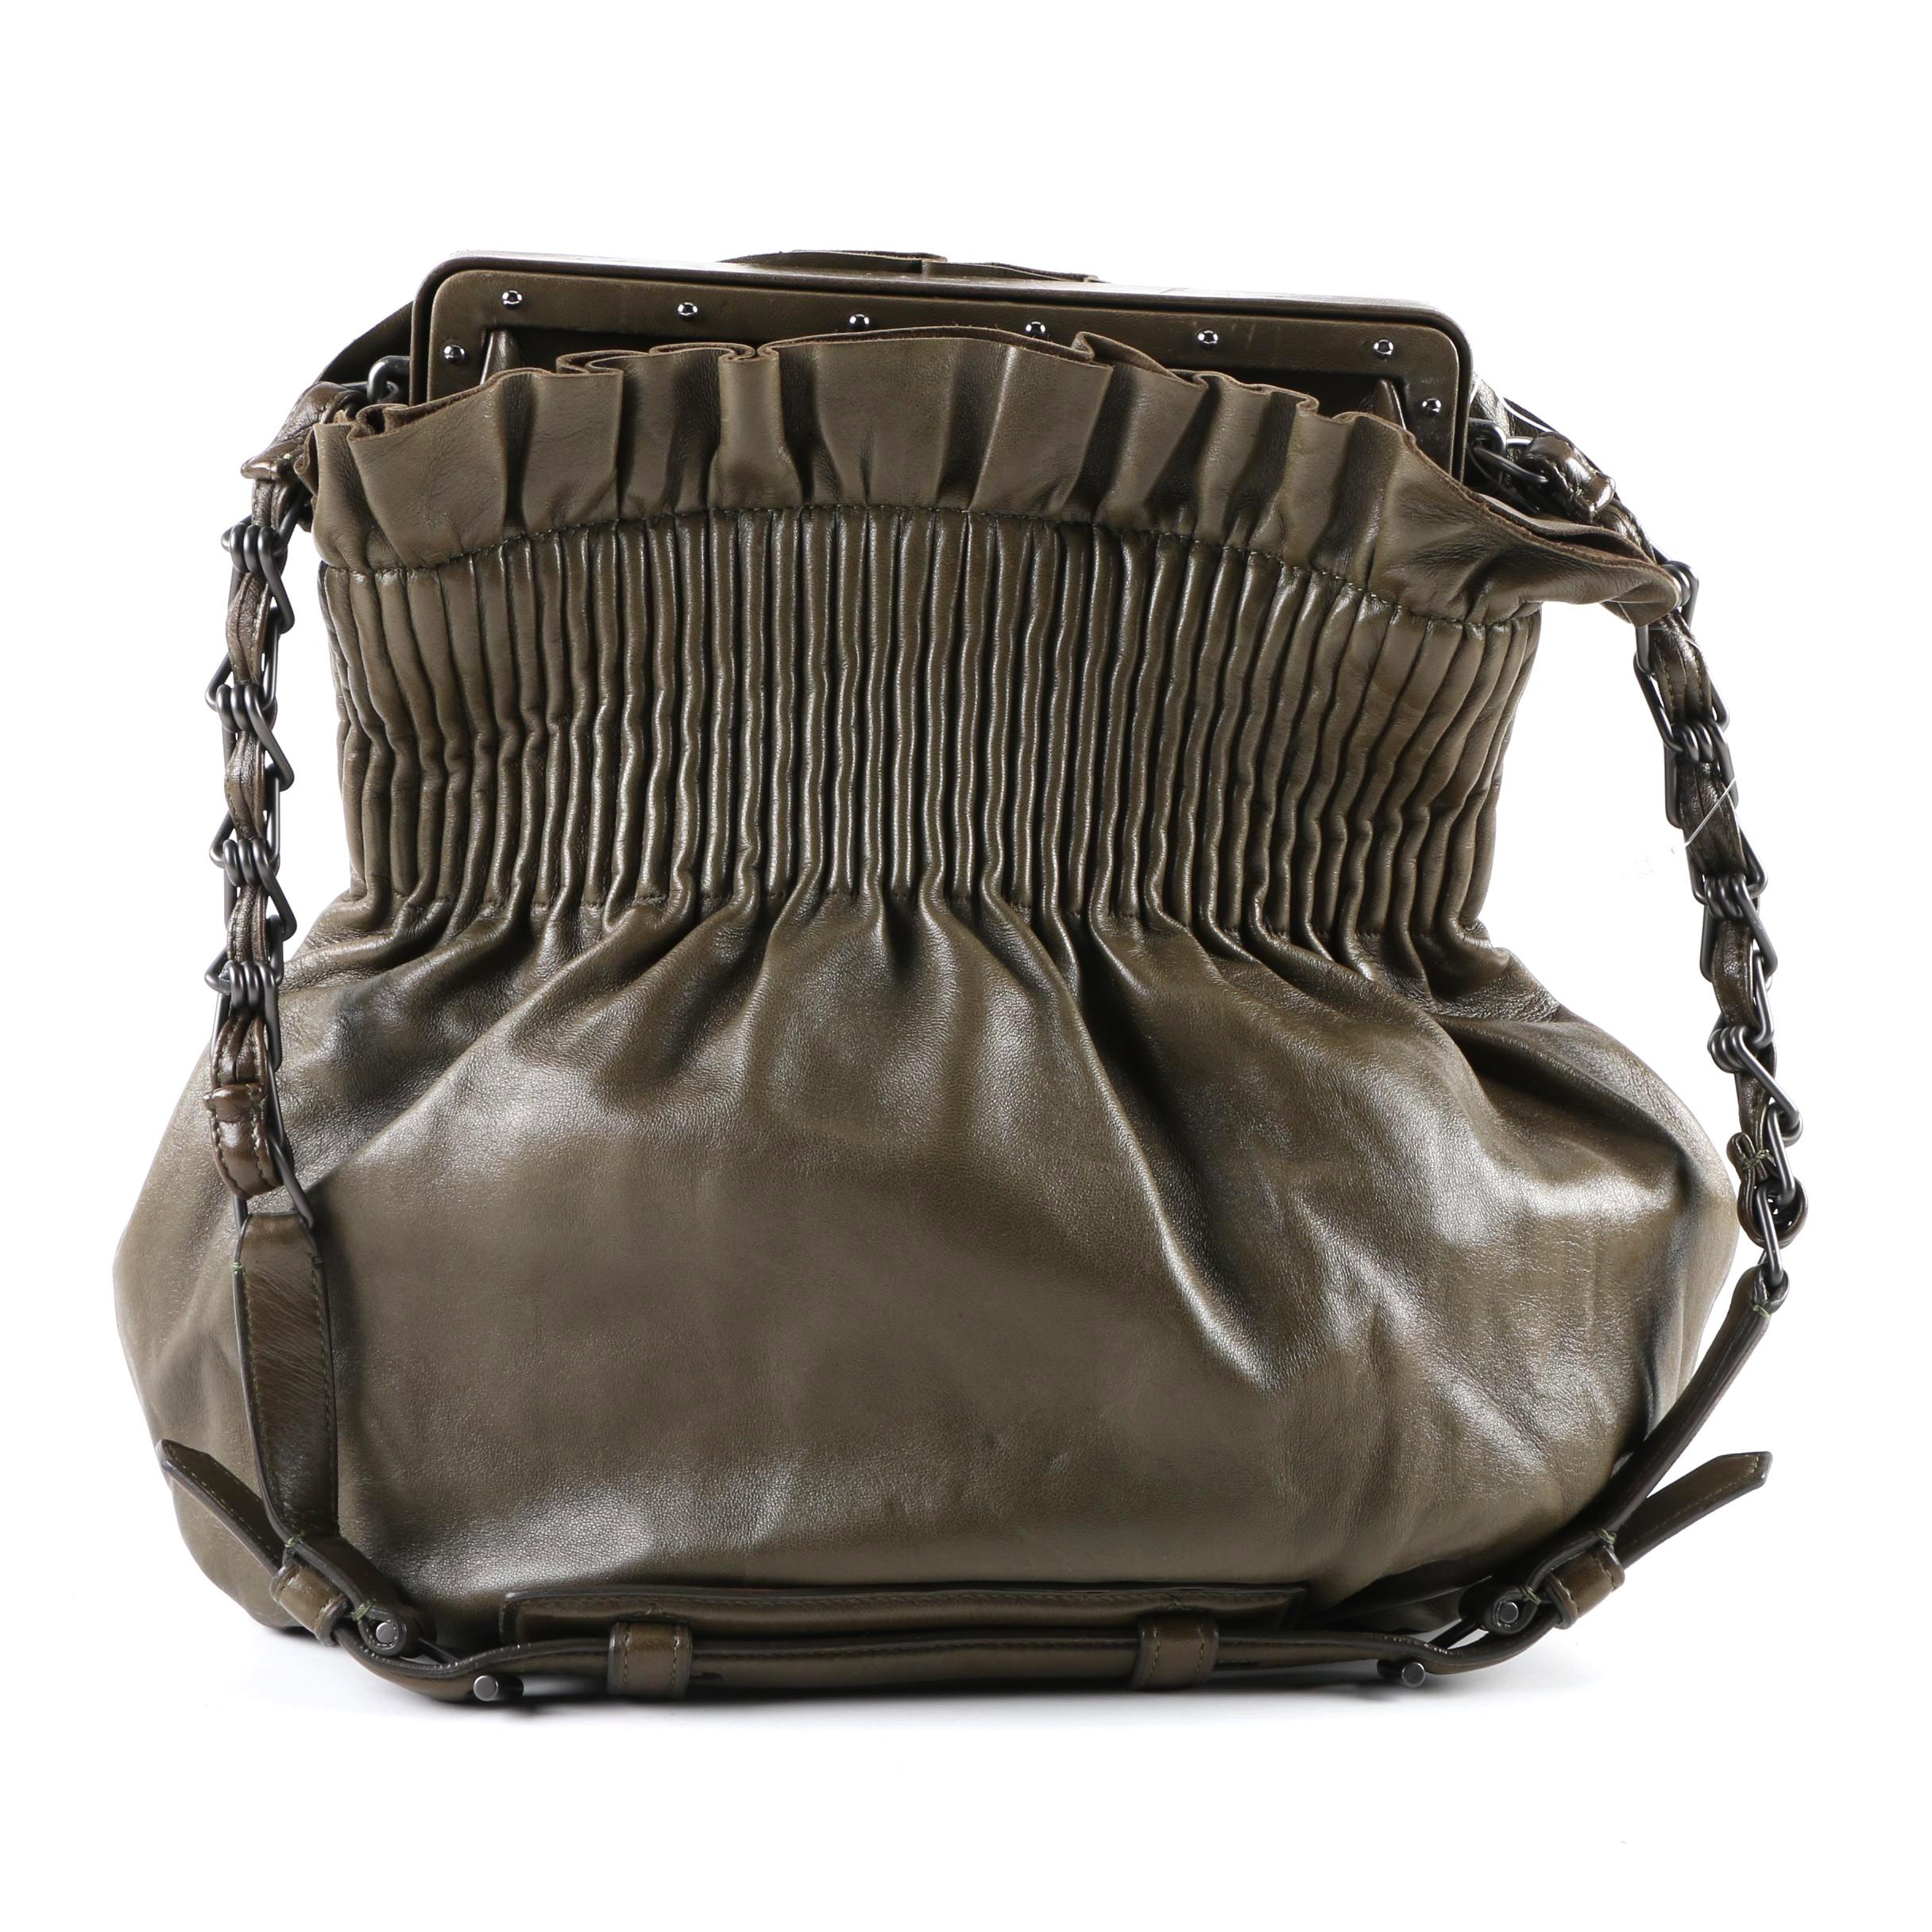 Reed Krakoff Olive Green Leather Shoulder Bag